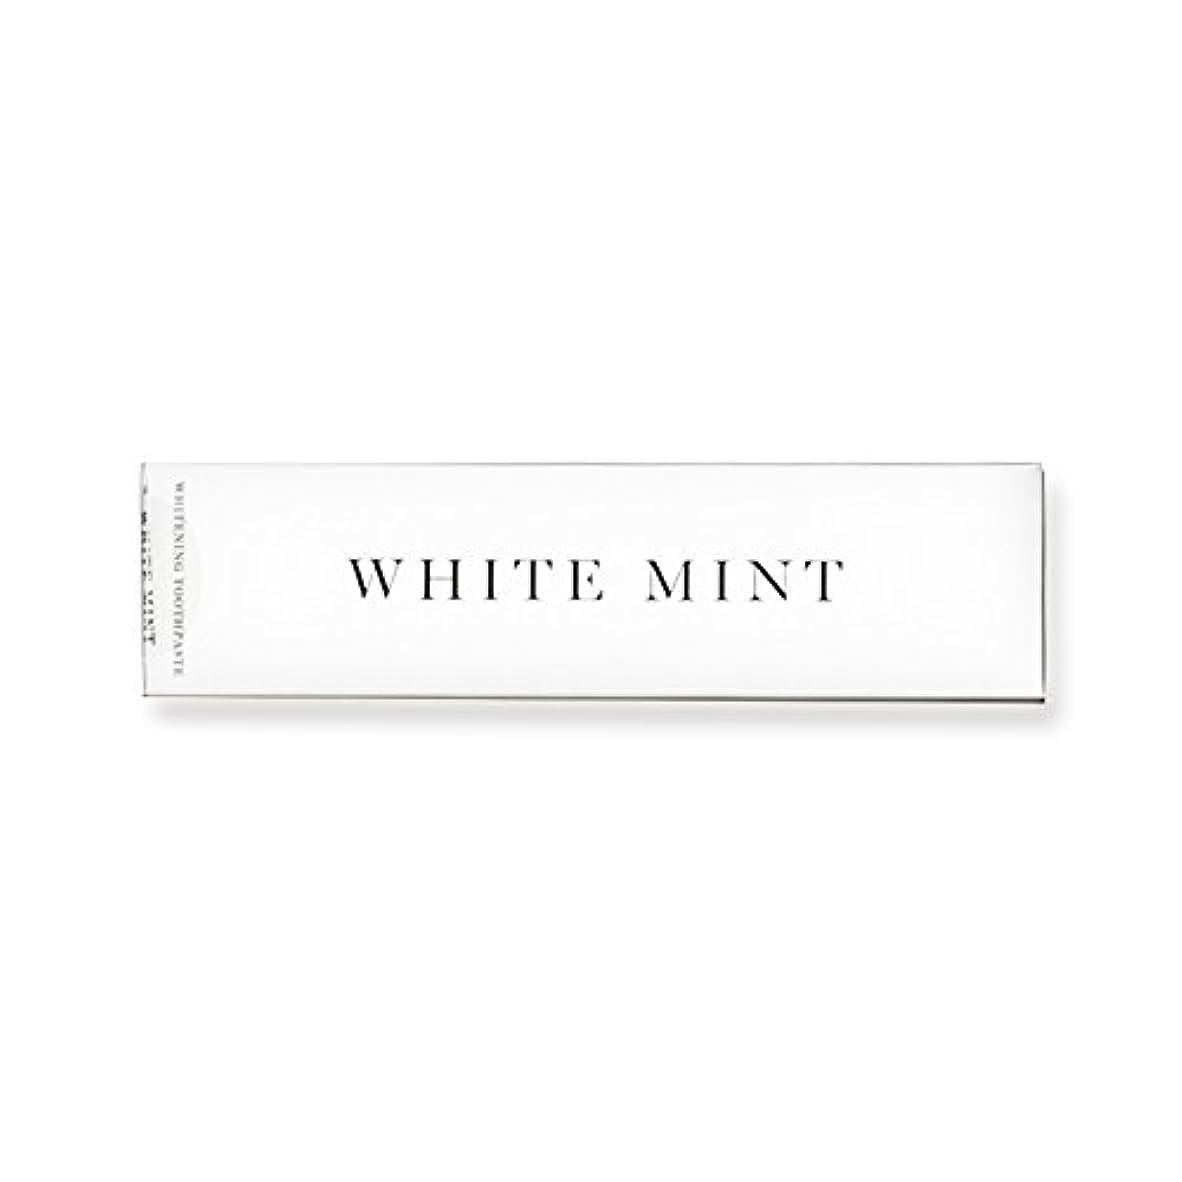 マトン電気の比類のないホワイトミント 130g (旧シルクホワイト)